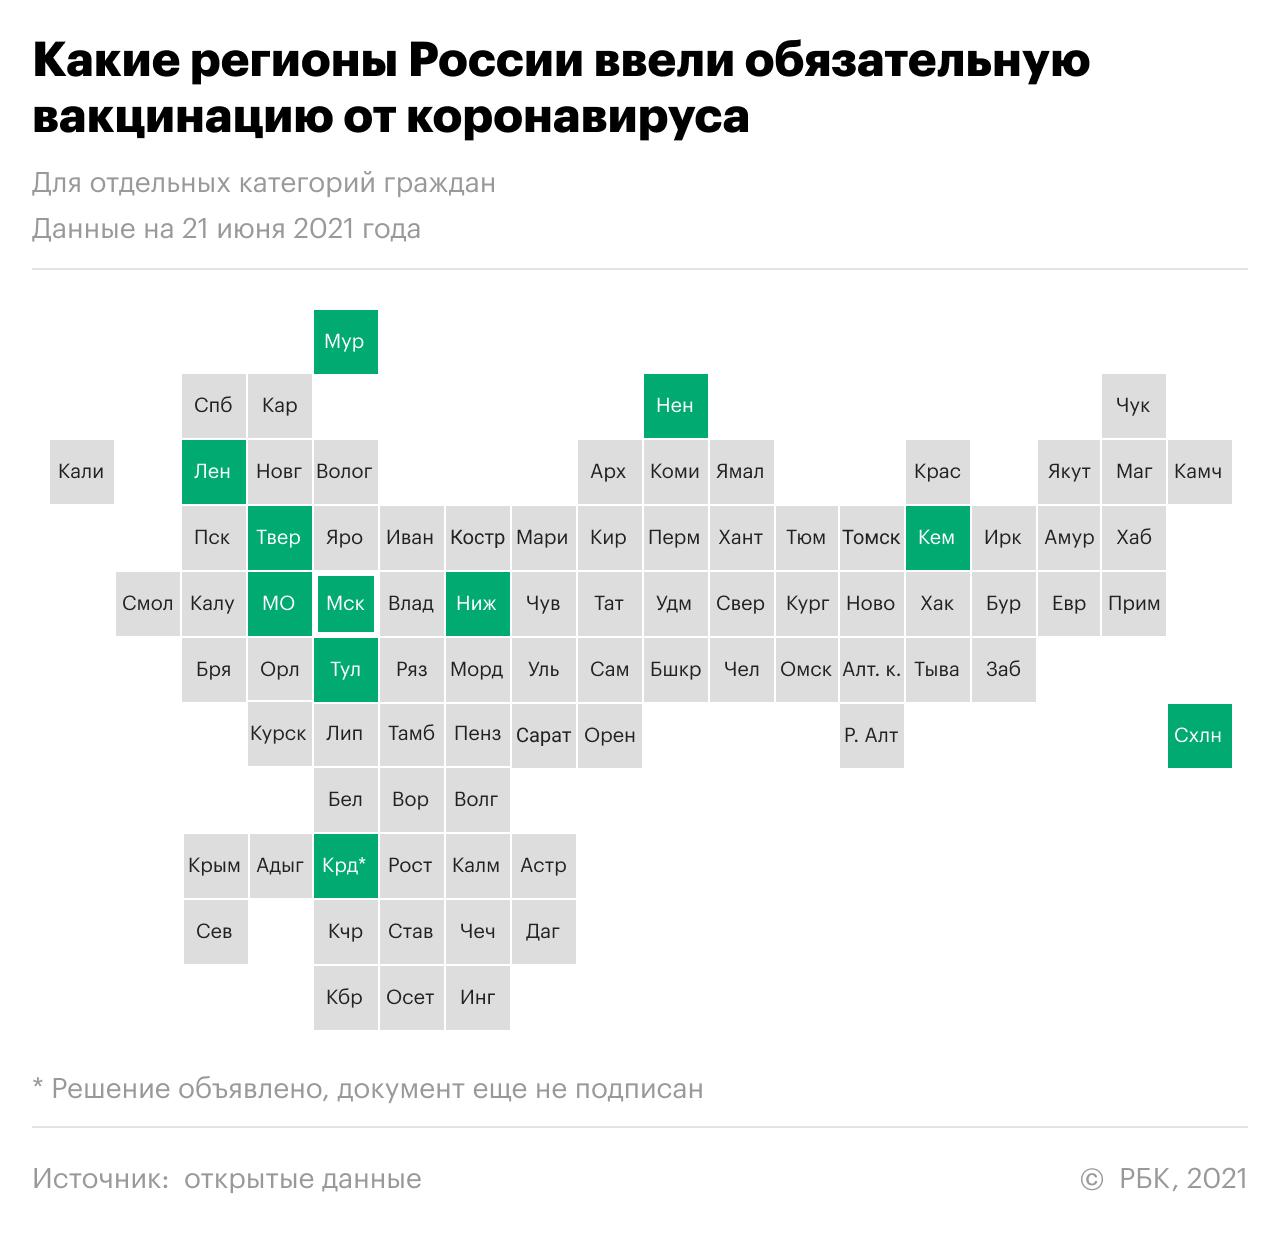 Какие регионы объявили обязательную вакцинацию от коронавируса. Карта